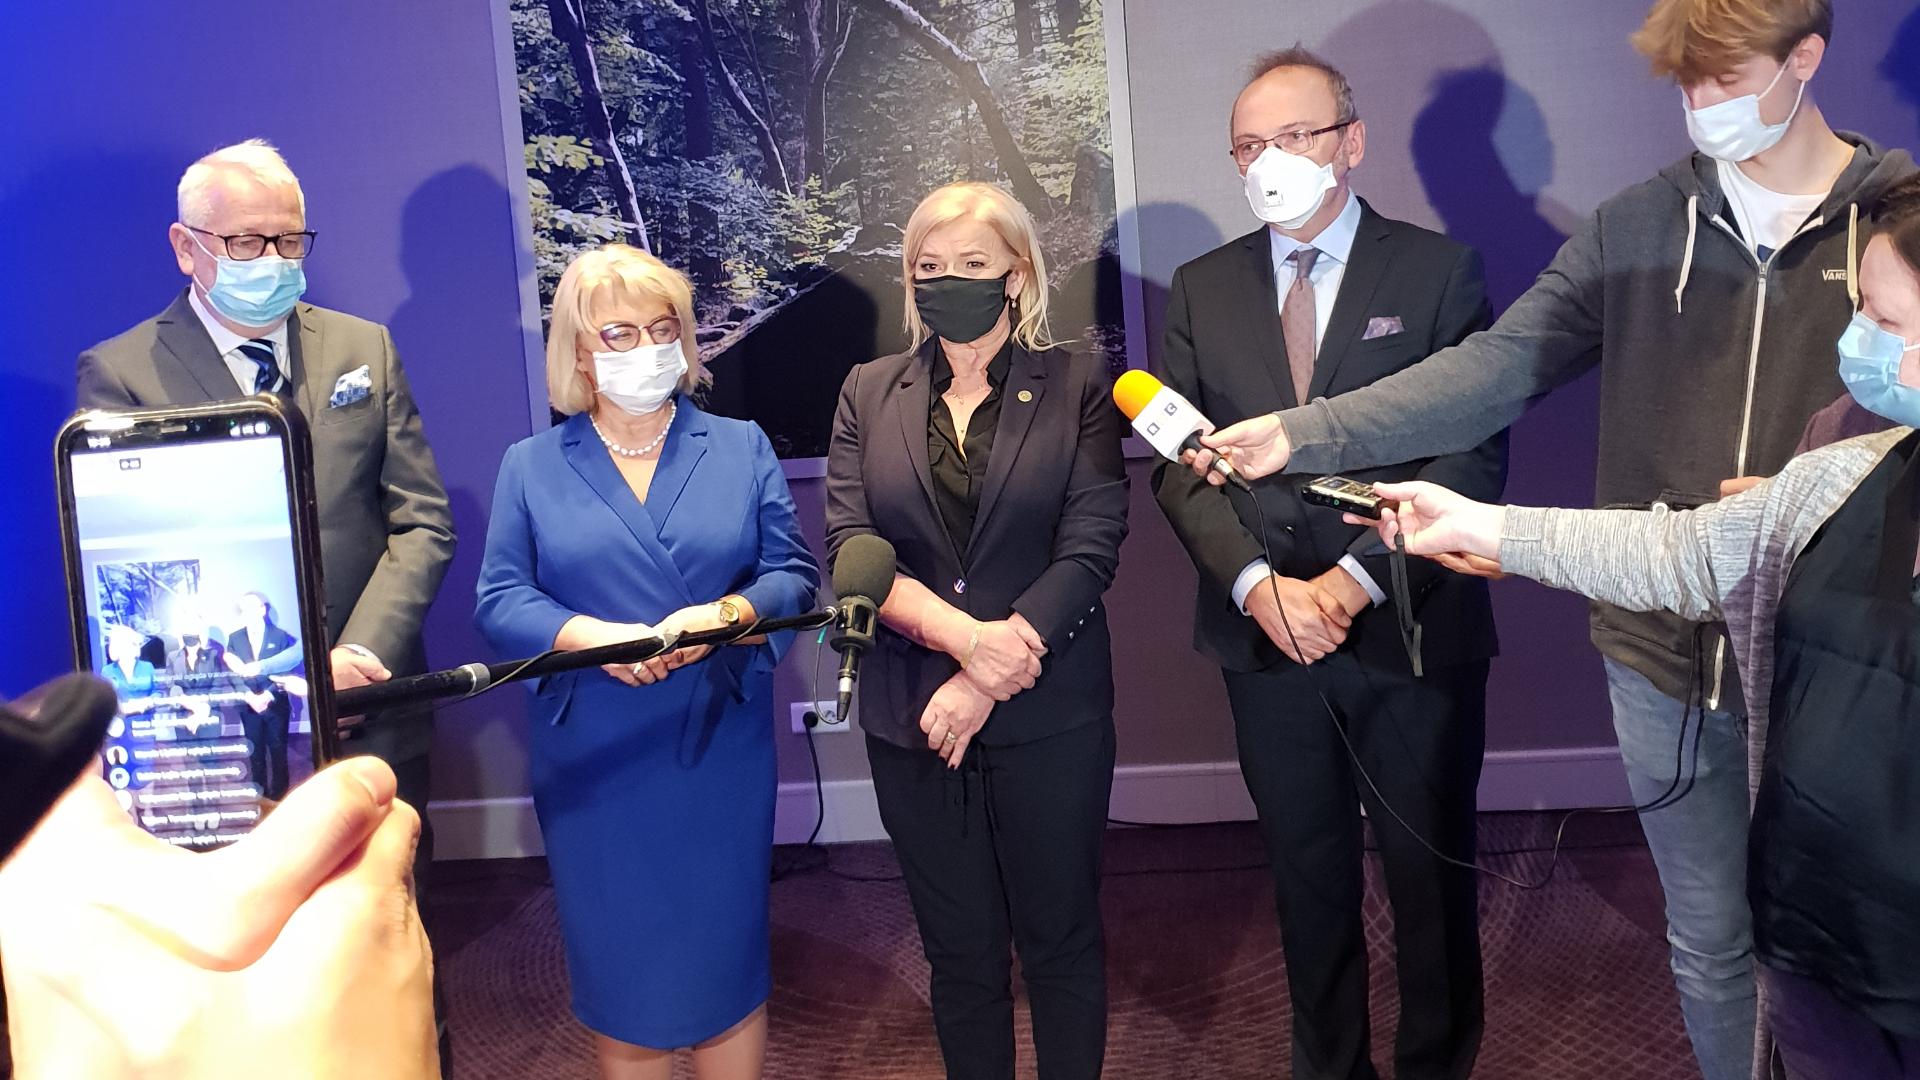 W Warszawie odbyła się wspólna konferencja prezesów medycznych samorządów zawodowych.